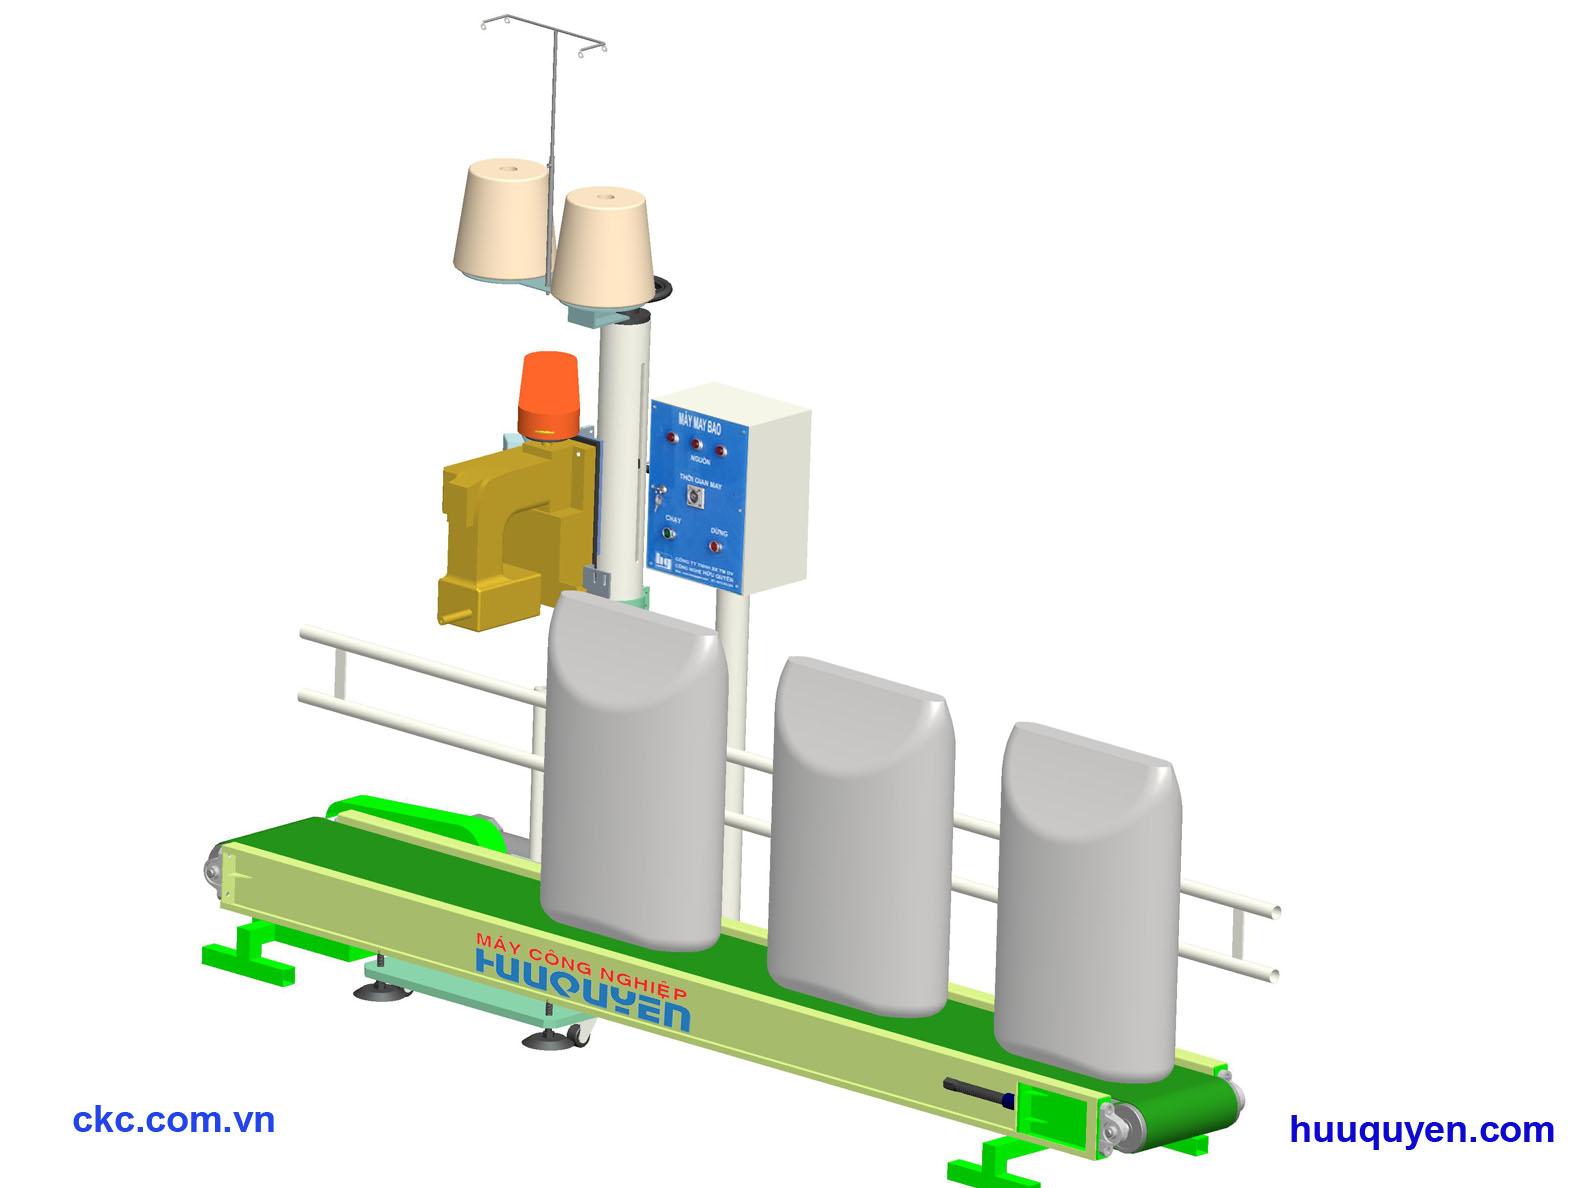 Hệ thống băng tải trụ đỡ tủ điện điều khiển may bao công nghiệp